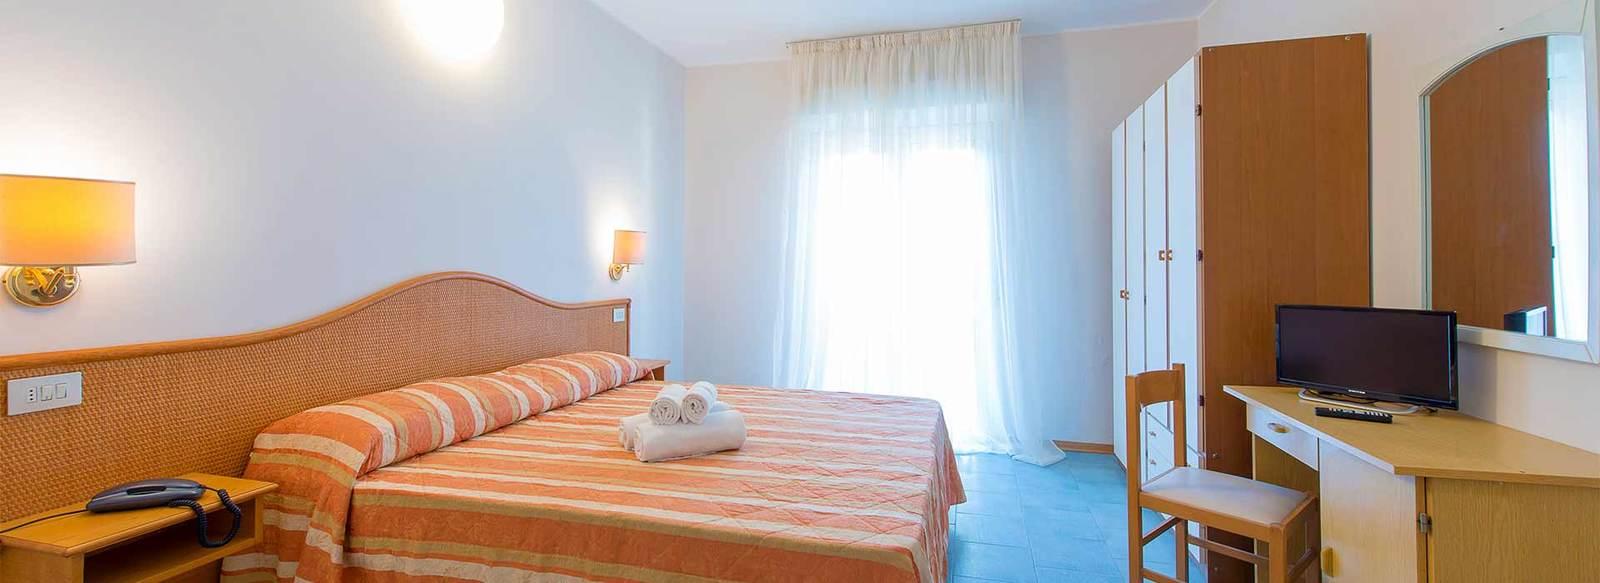 Accogliente Hotel a 200 metri dal mare